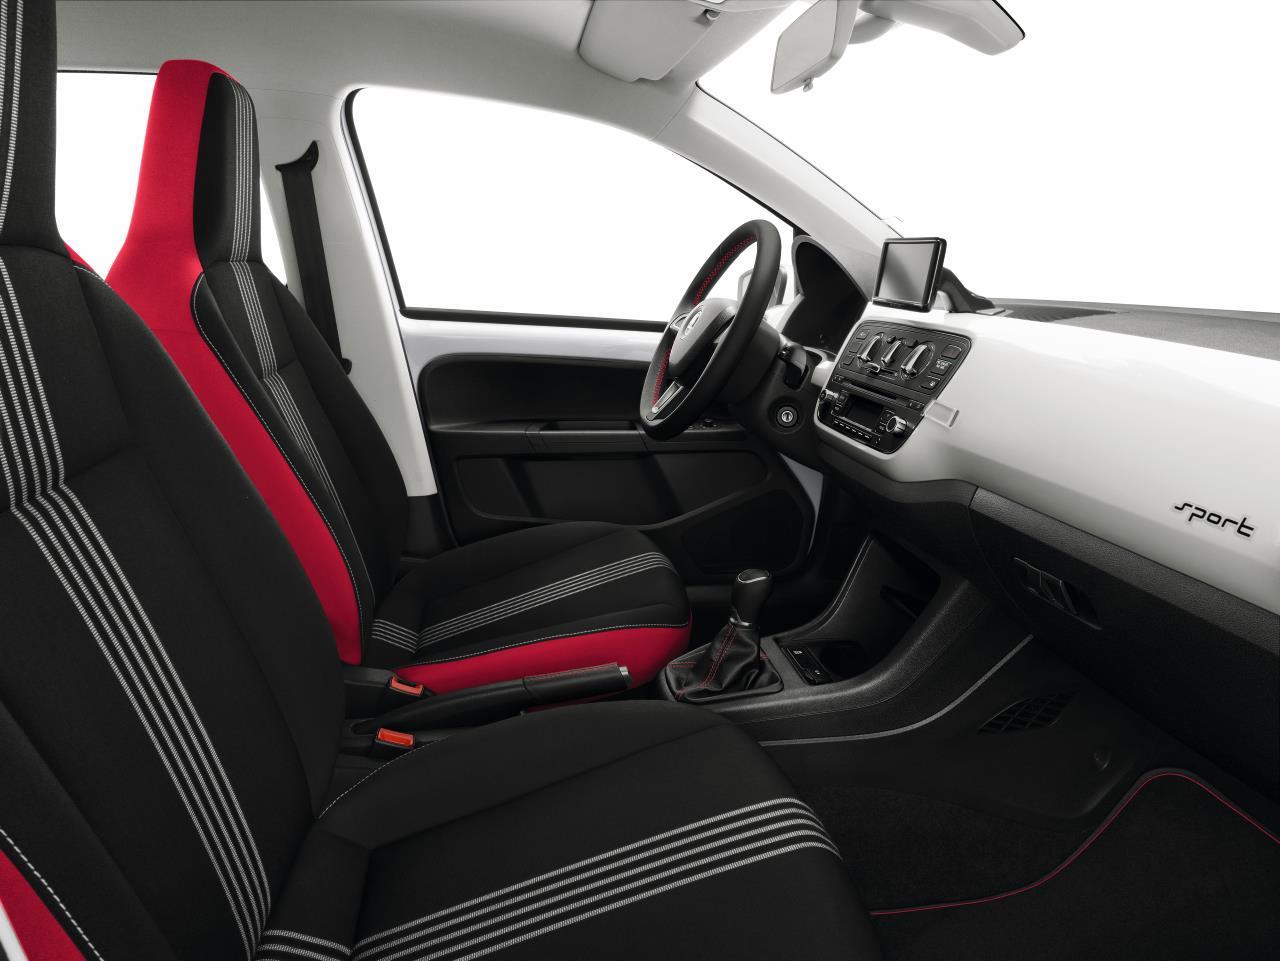 Škoda Citigo Sport (Športni pridih armature)